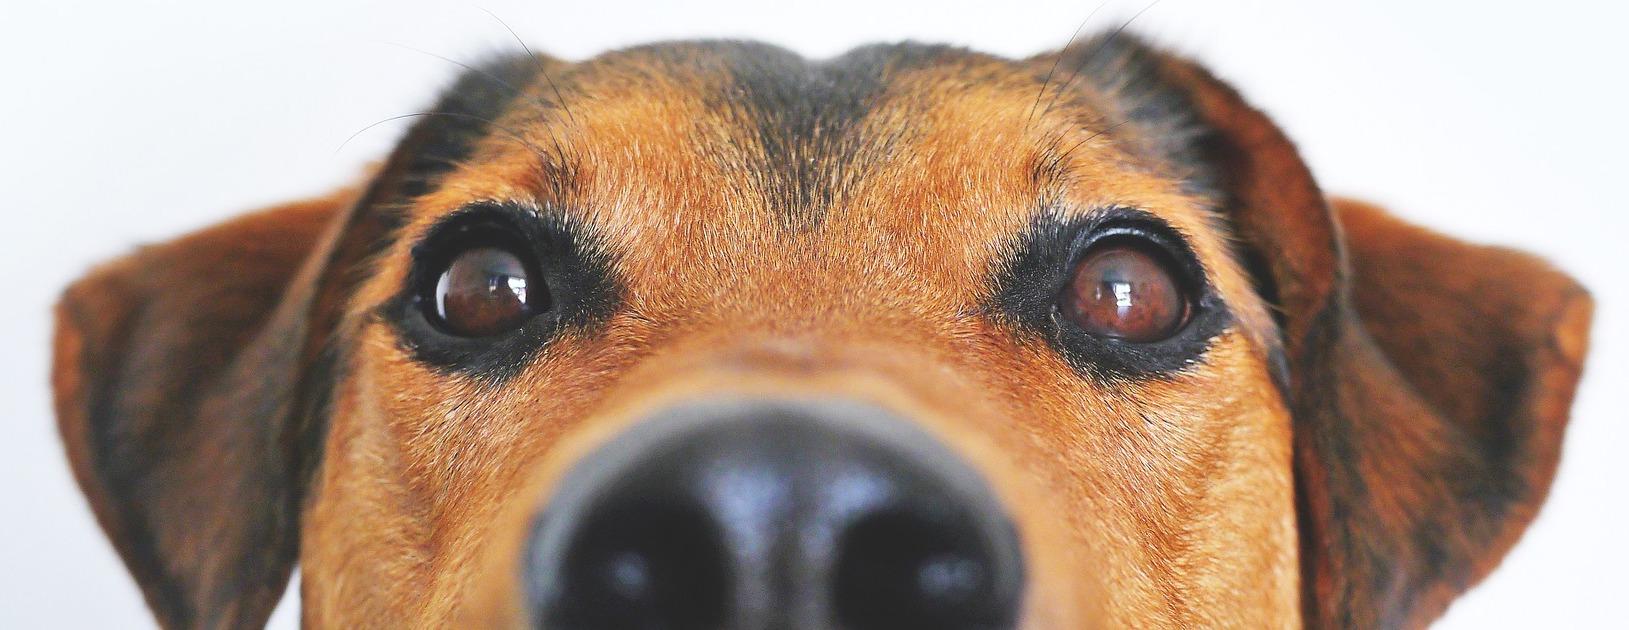 hund gesicht